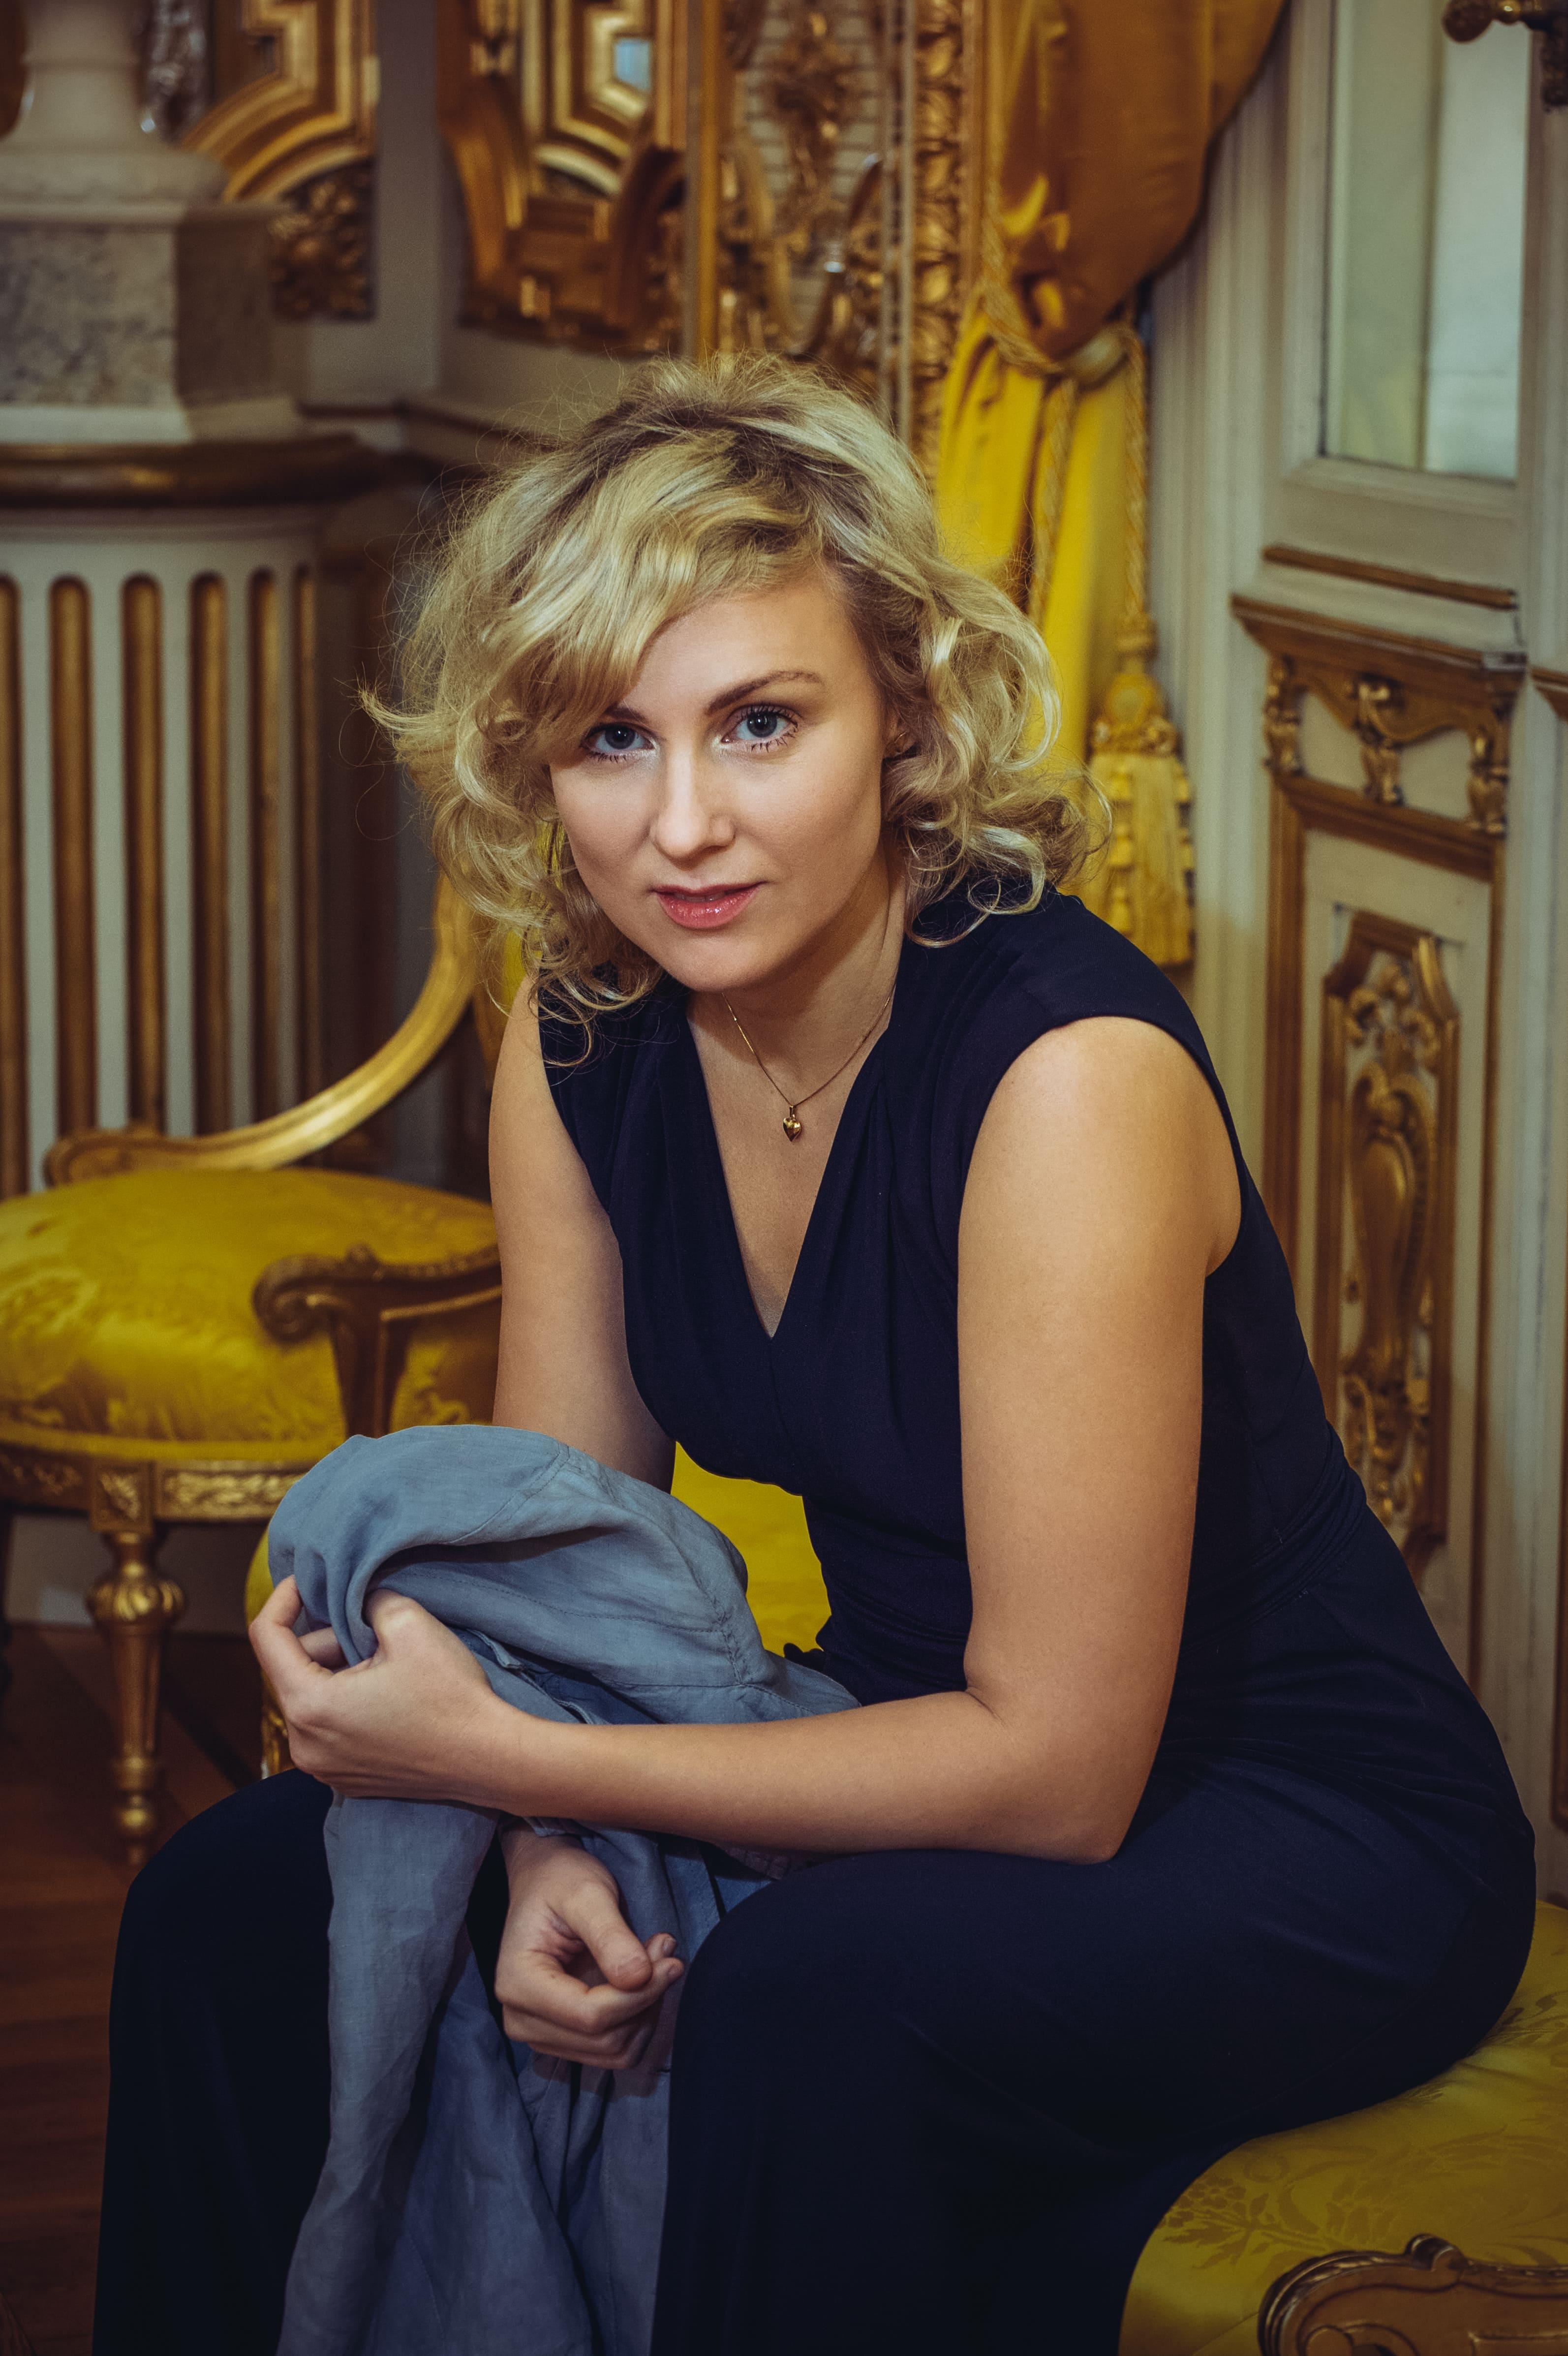 Sofie Asplund 4 - photo credit Andrea Asti